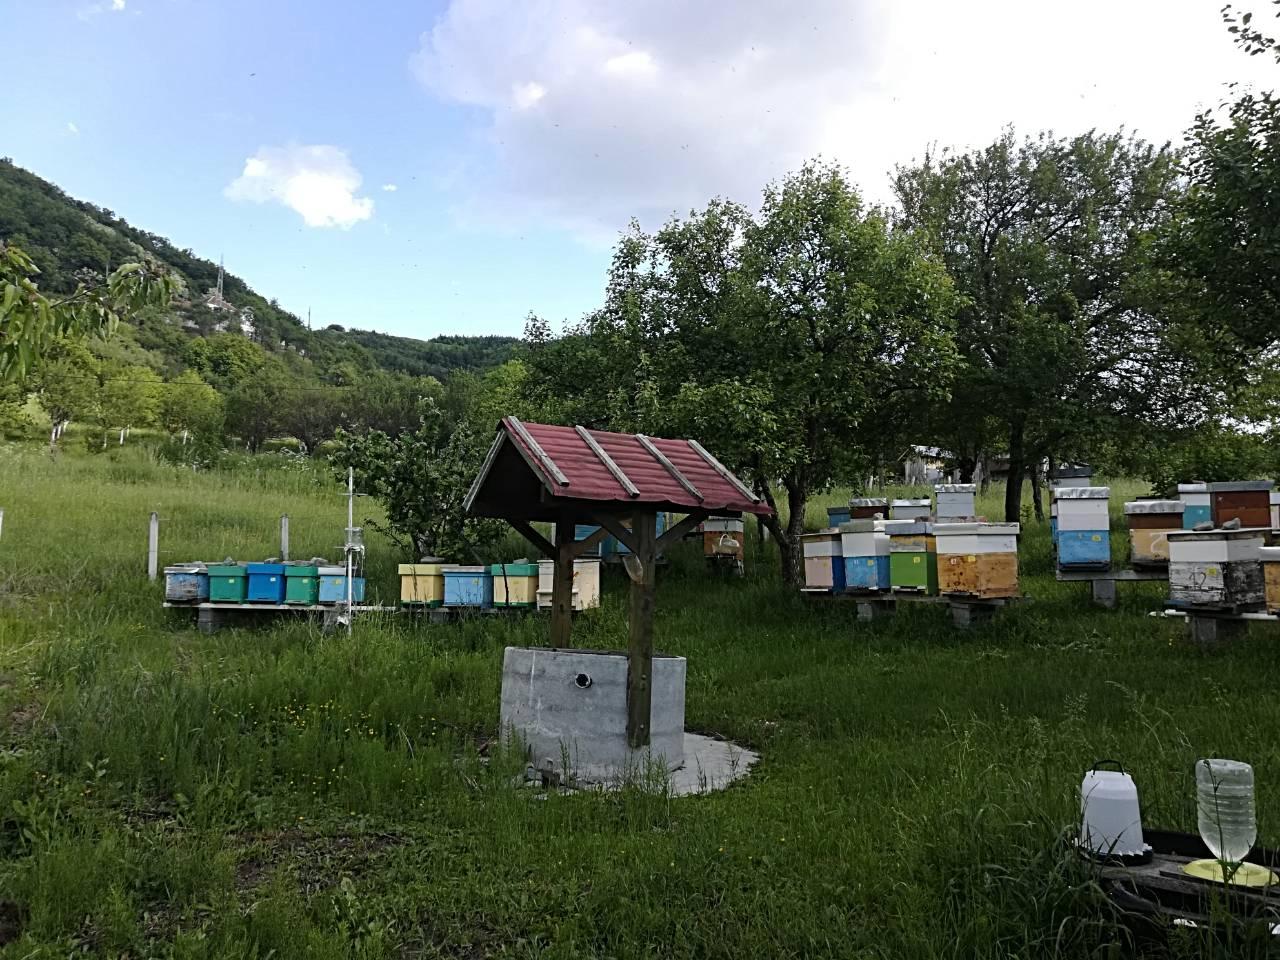 Ilustracija: pčelinjak, foto: Svetlana Kovačević, Domaćinska kuća